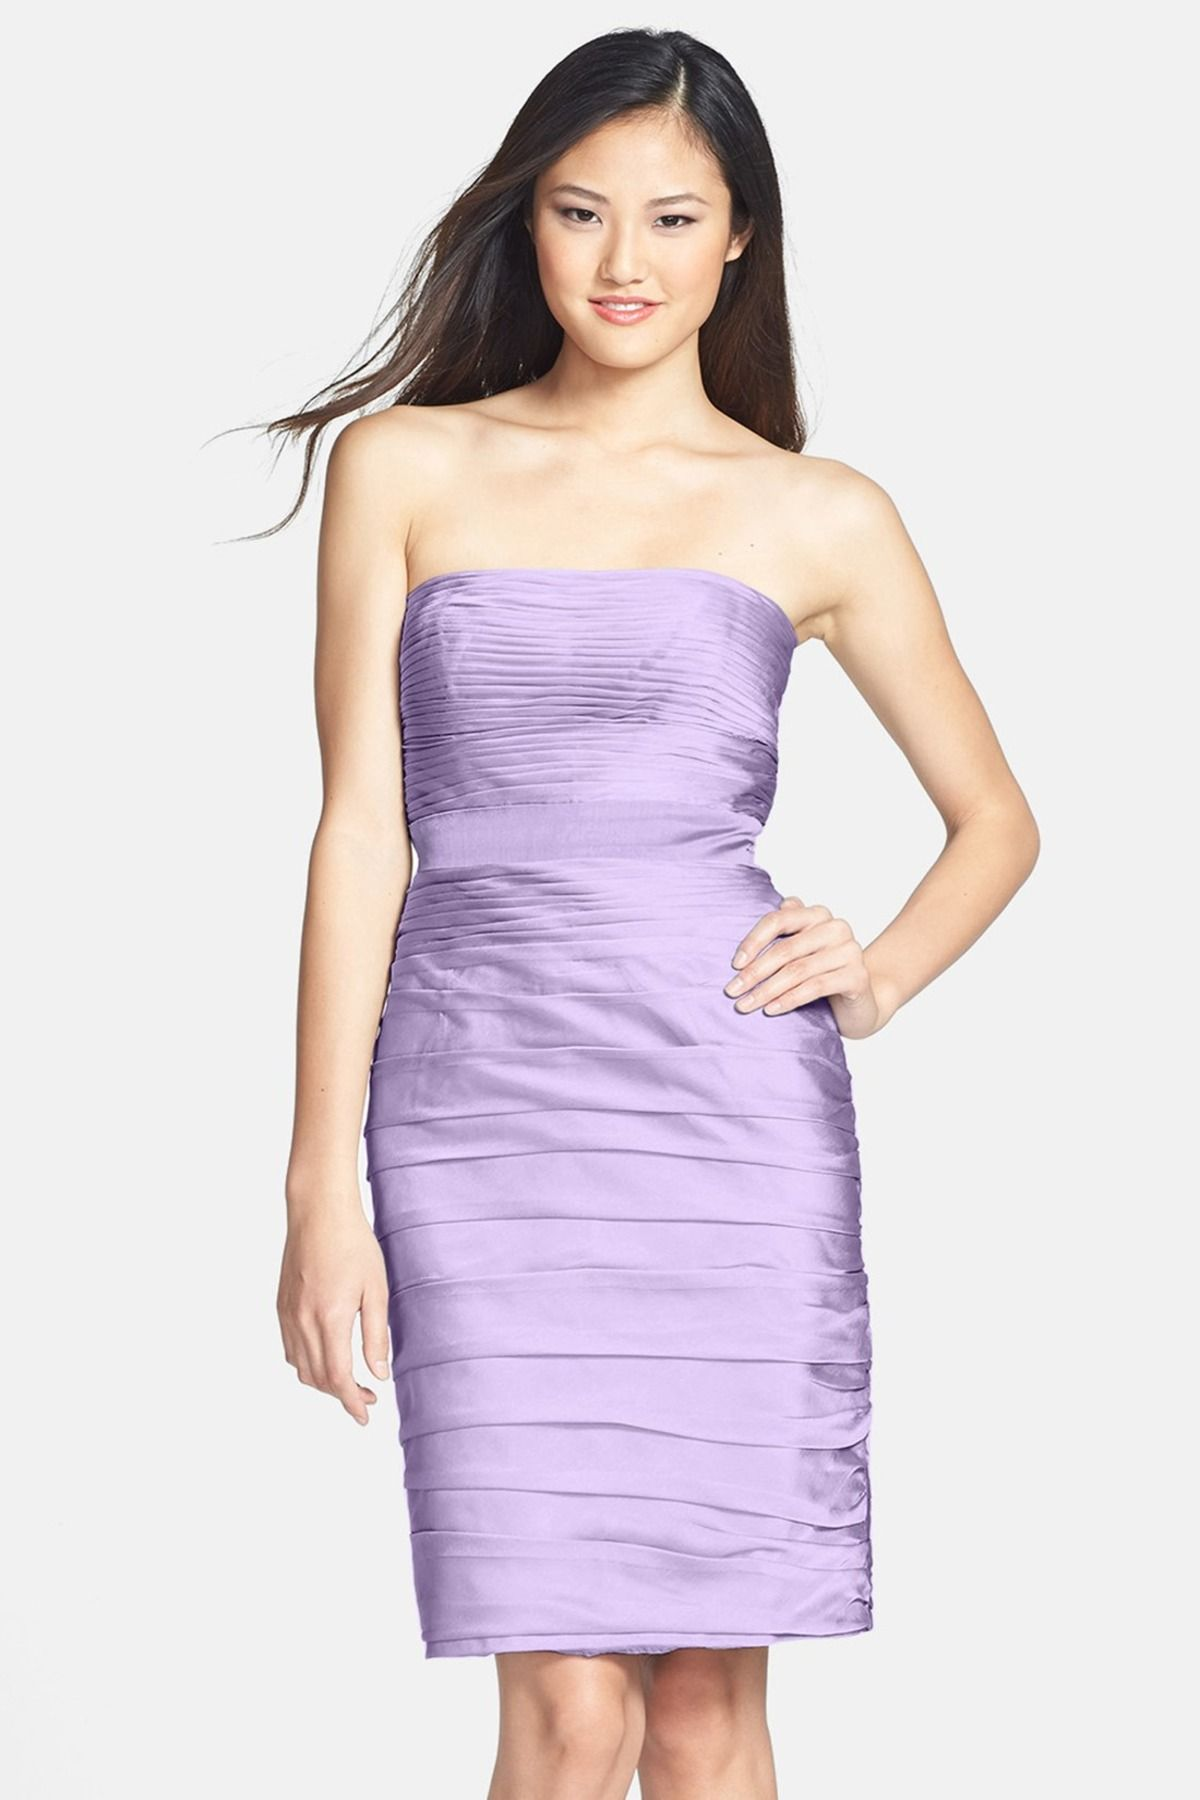 monique lhuillier bridesmaids dress   Fashion   Pinterest